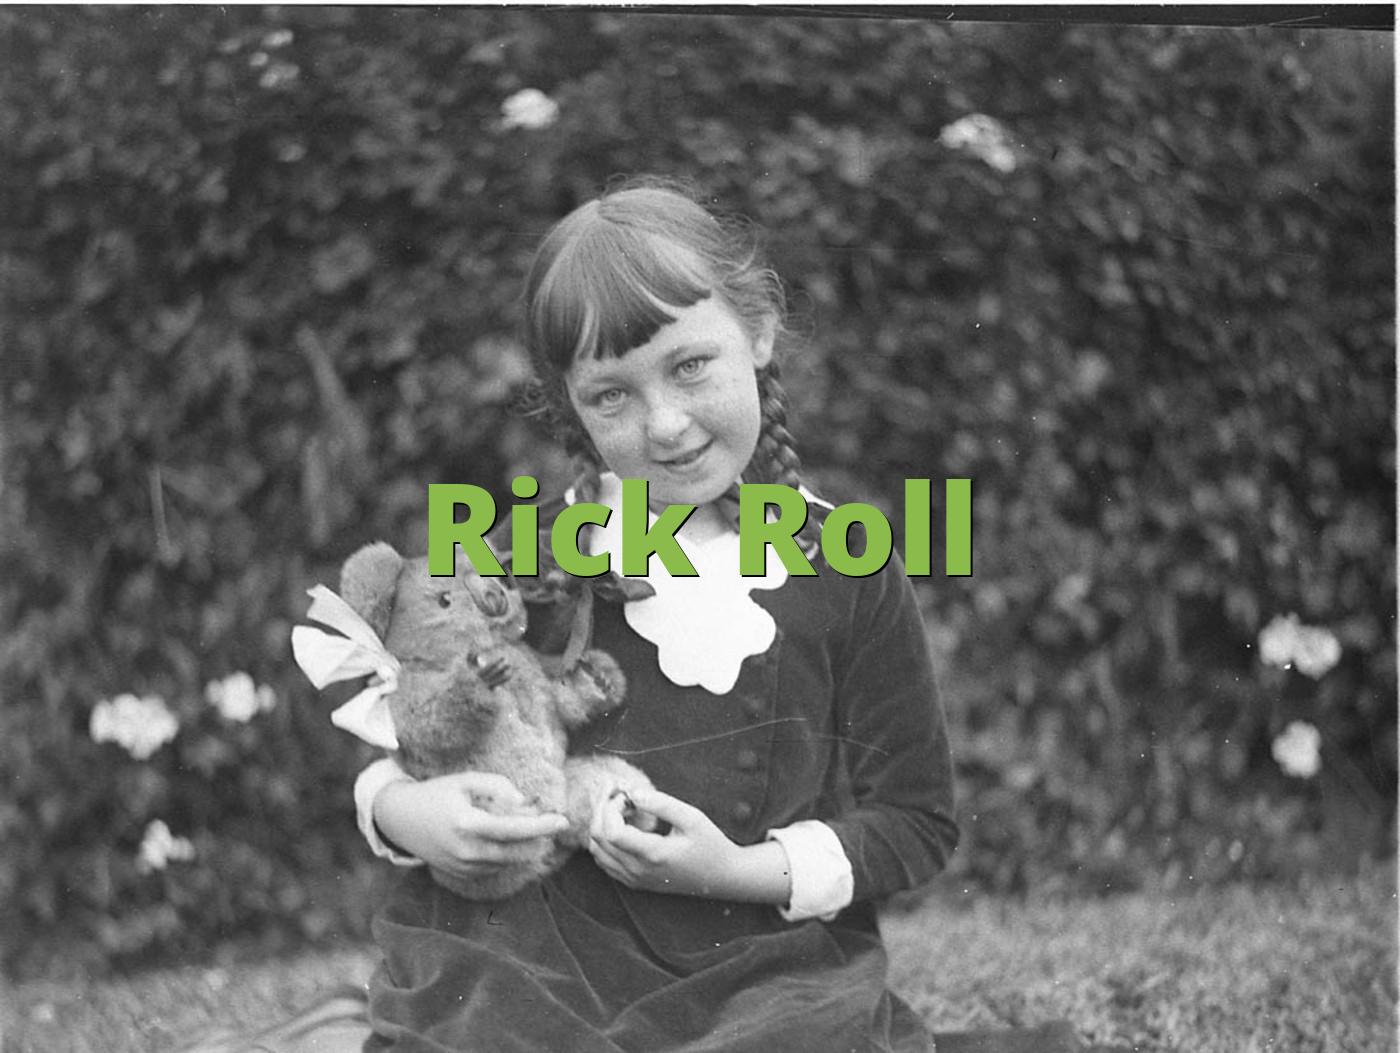 Rick Roll